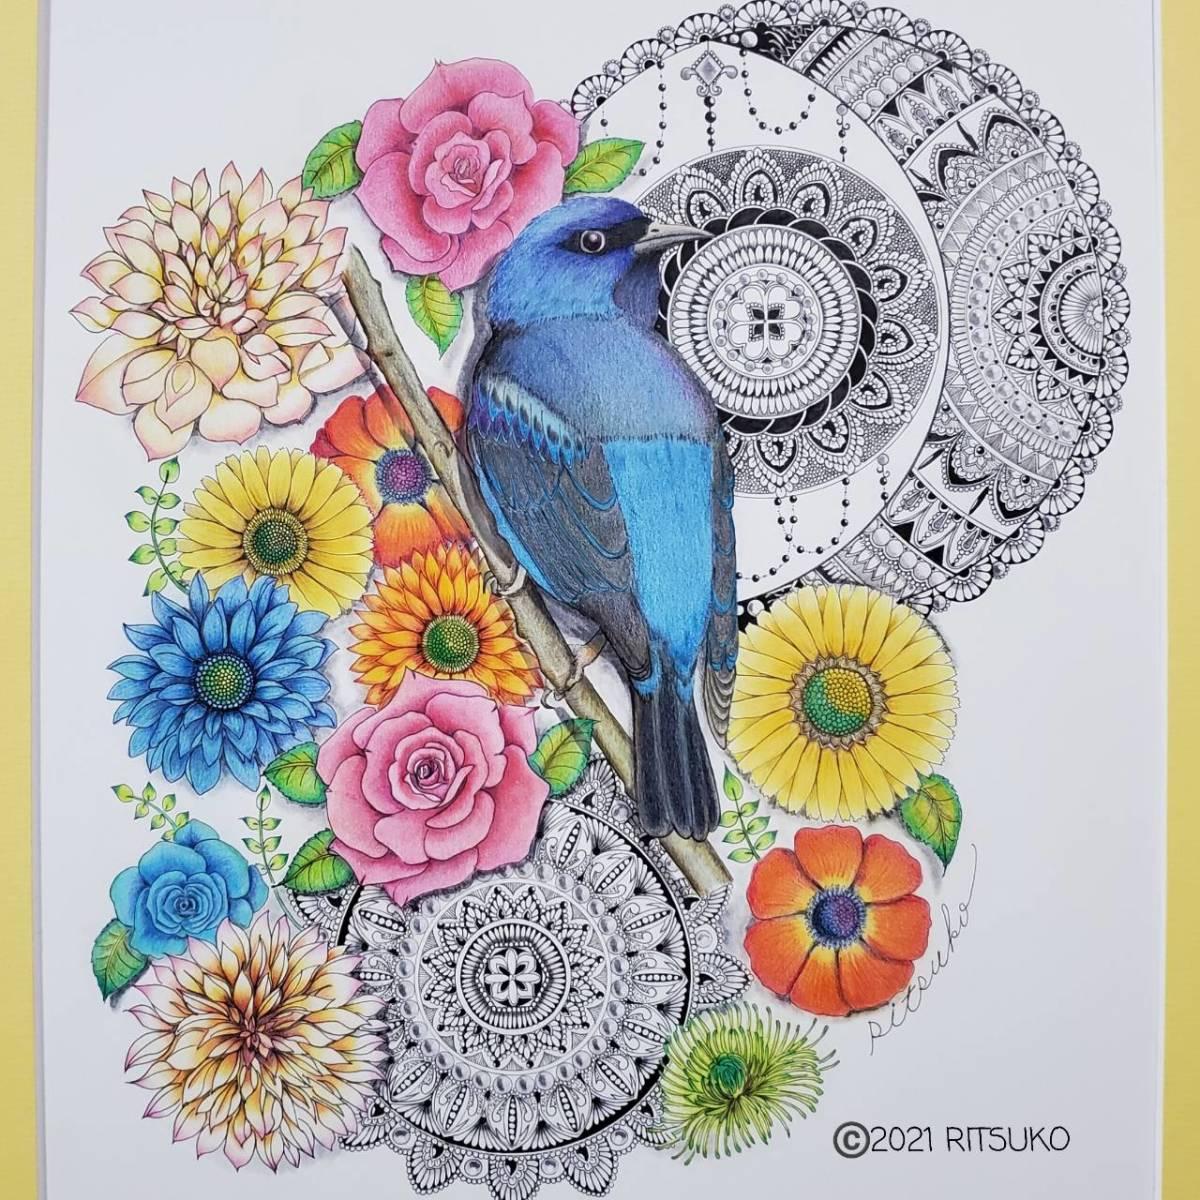 原画 1点もの 色鉛筆画 ボールペン画 日本人作家 花鳥風月 絵画 絵 アート インテリア 開運_画像2